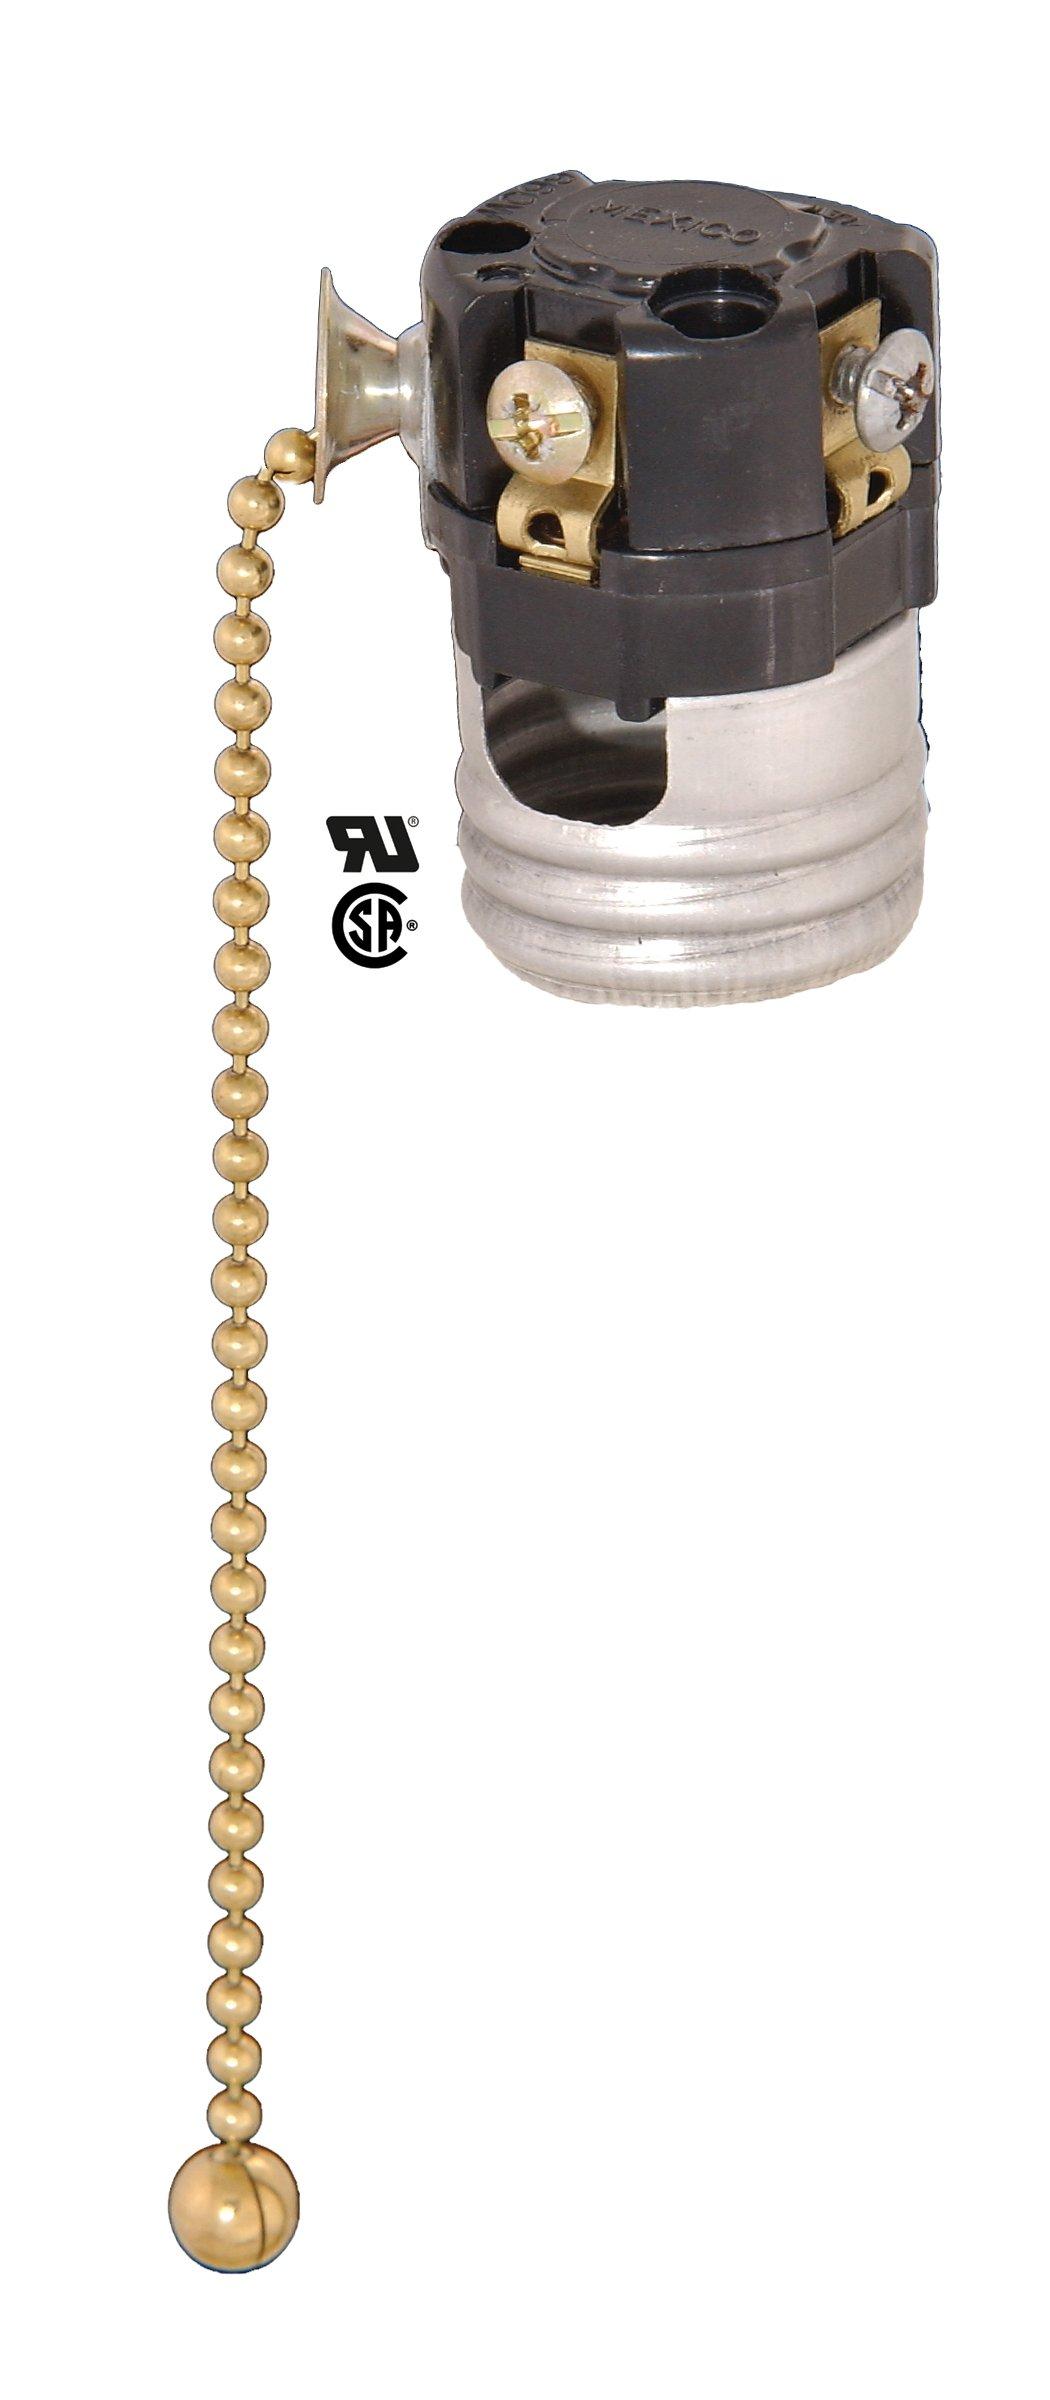 B&P Lamp 3-Way Pull Chain Socket Interior, No Paper Insulator